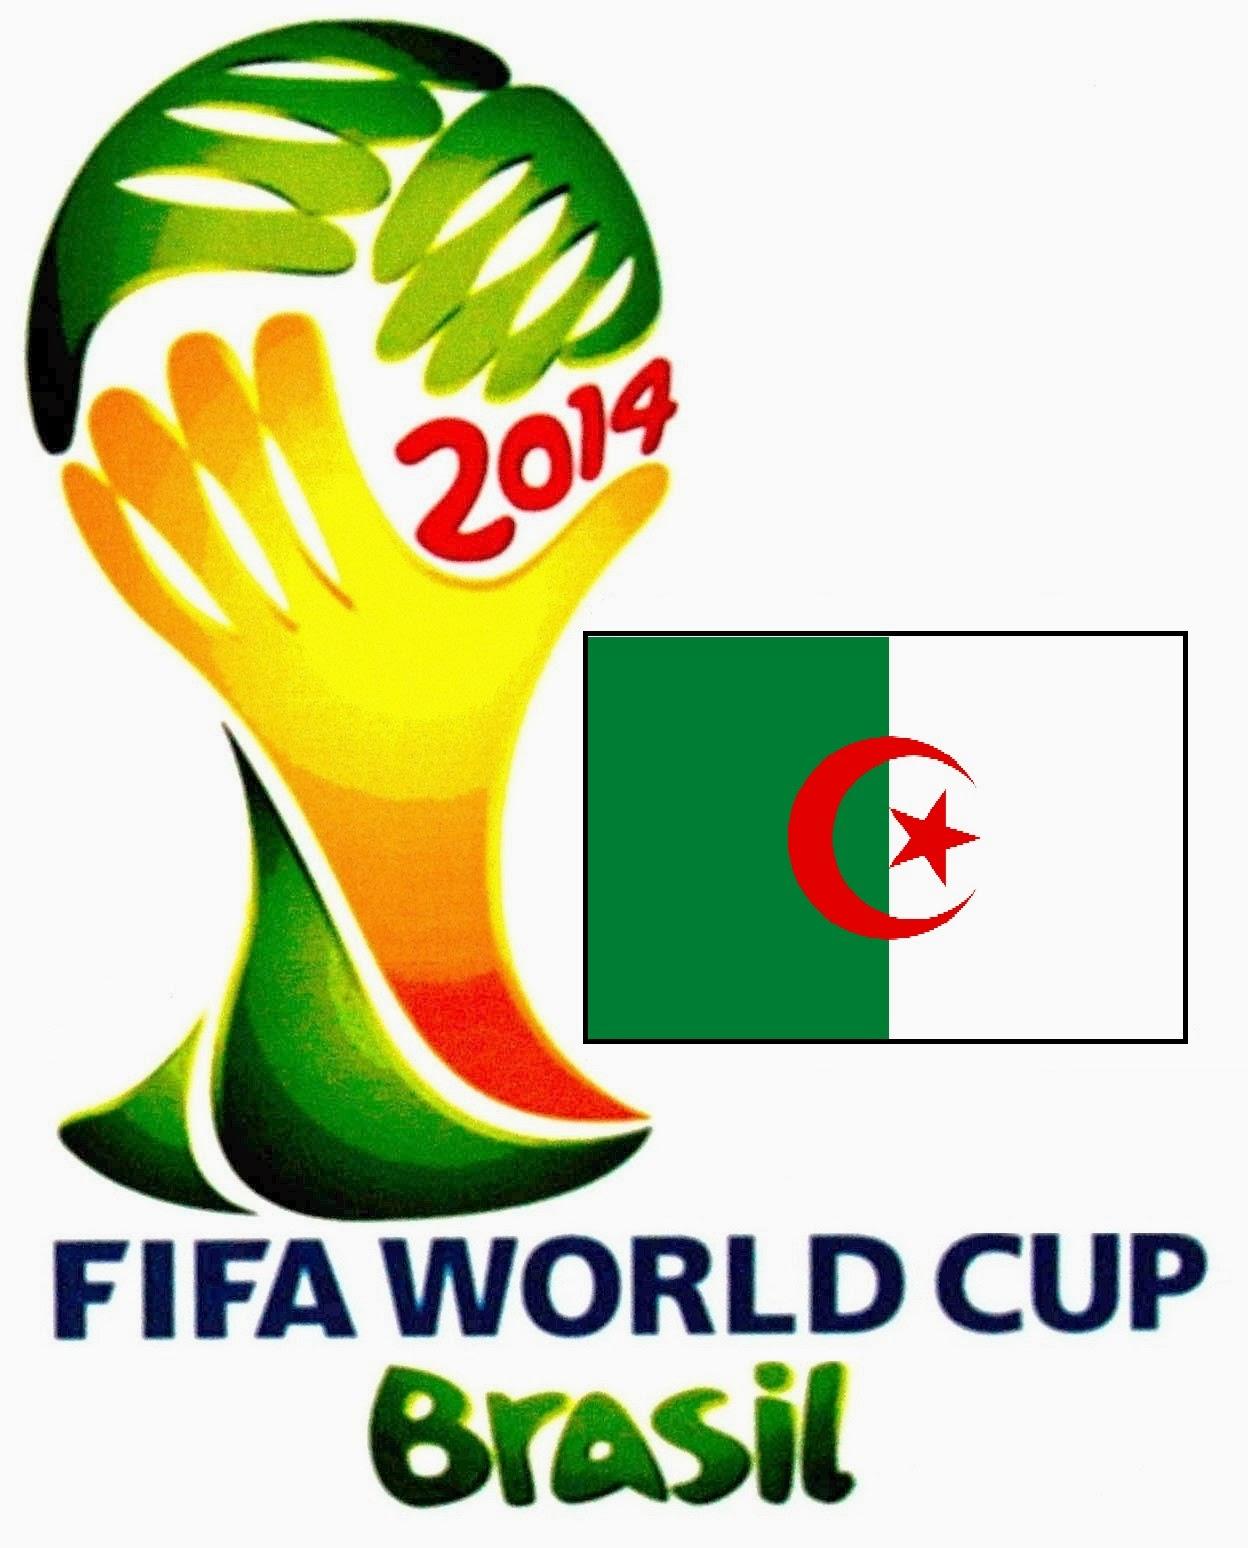 Daftar Nama Pemain Timnas Aljazair Piala Dunia 2014